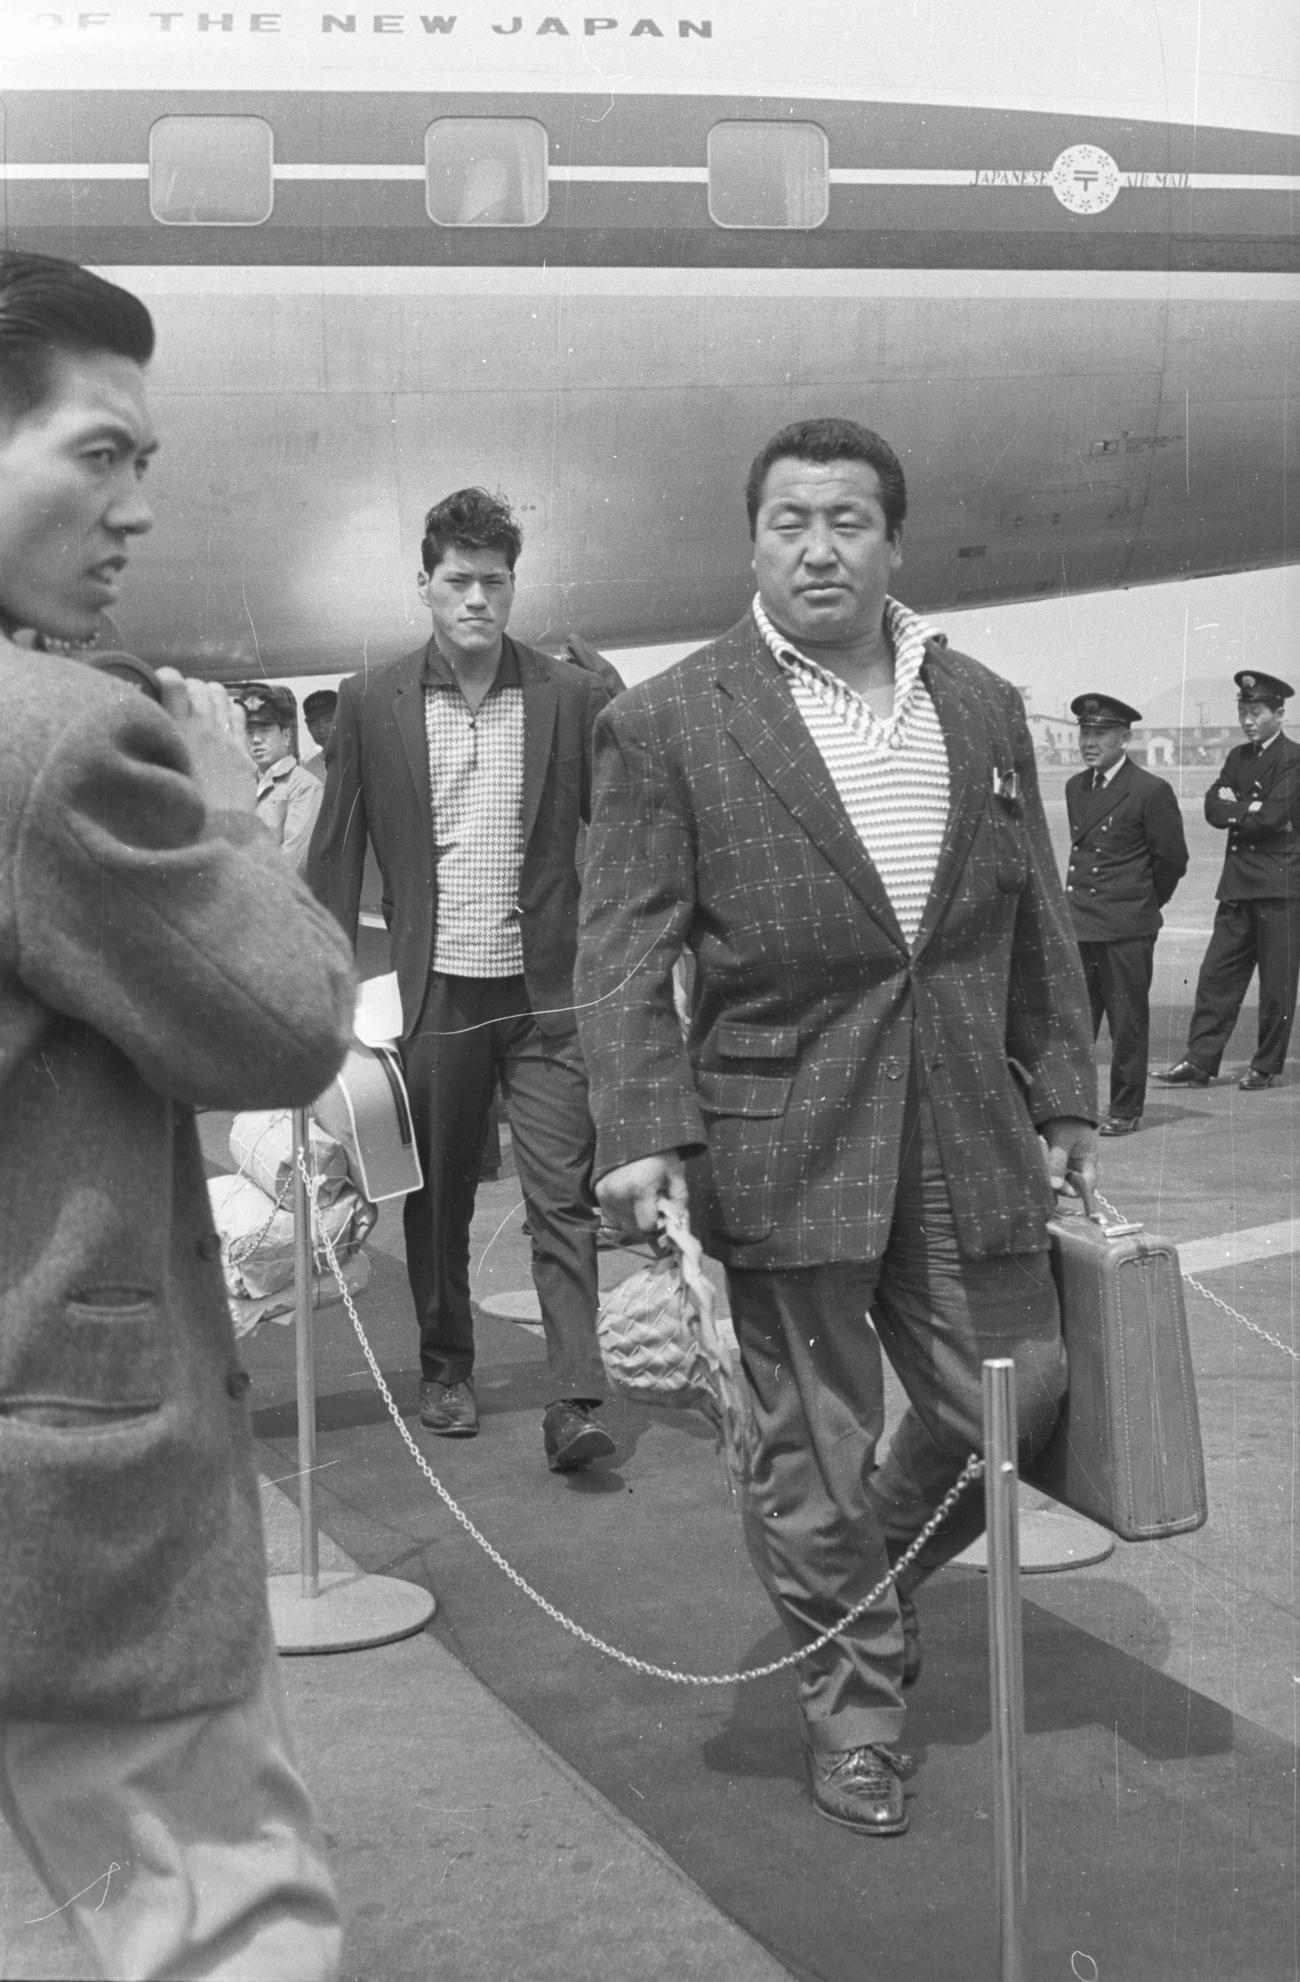 力道山と帰国したブラジルからの新弟子、猪木完至=1960年4月10日